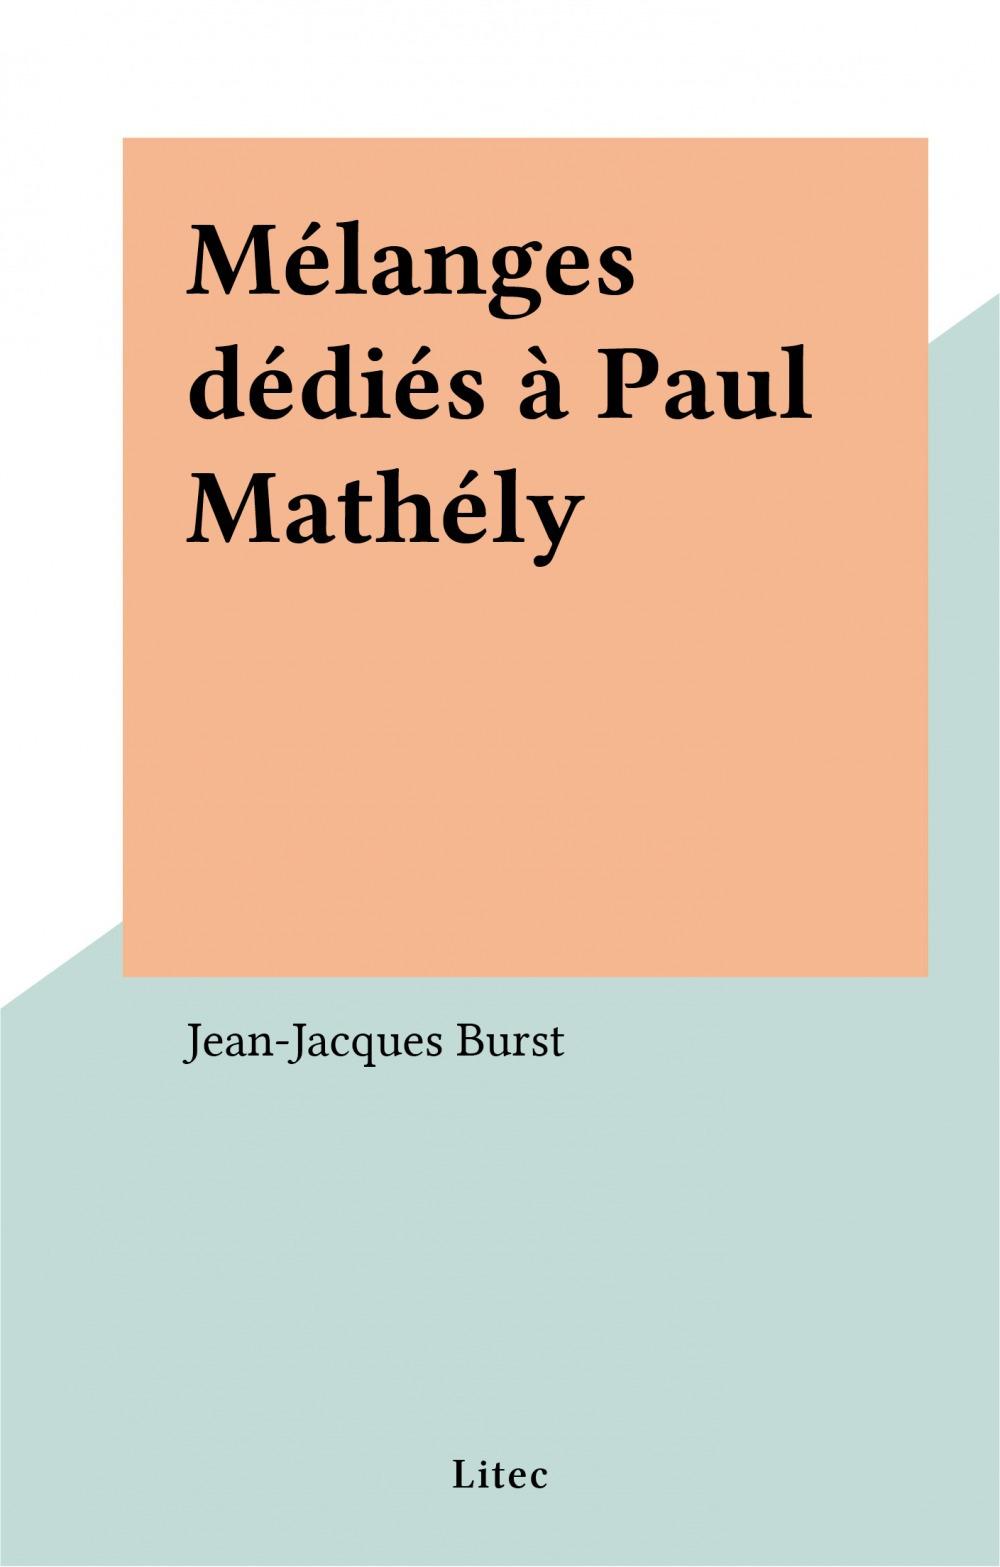 Mélanges dédiés à Paul Mathély